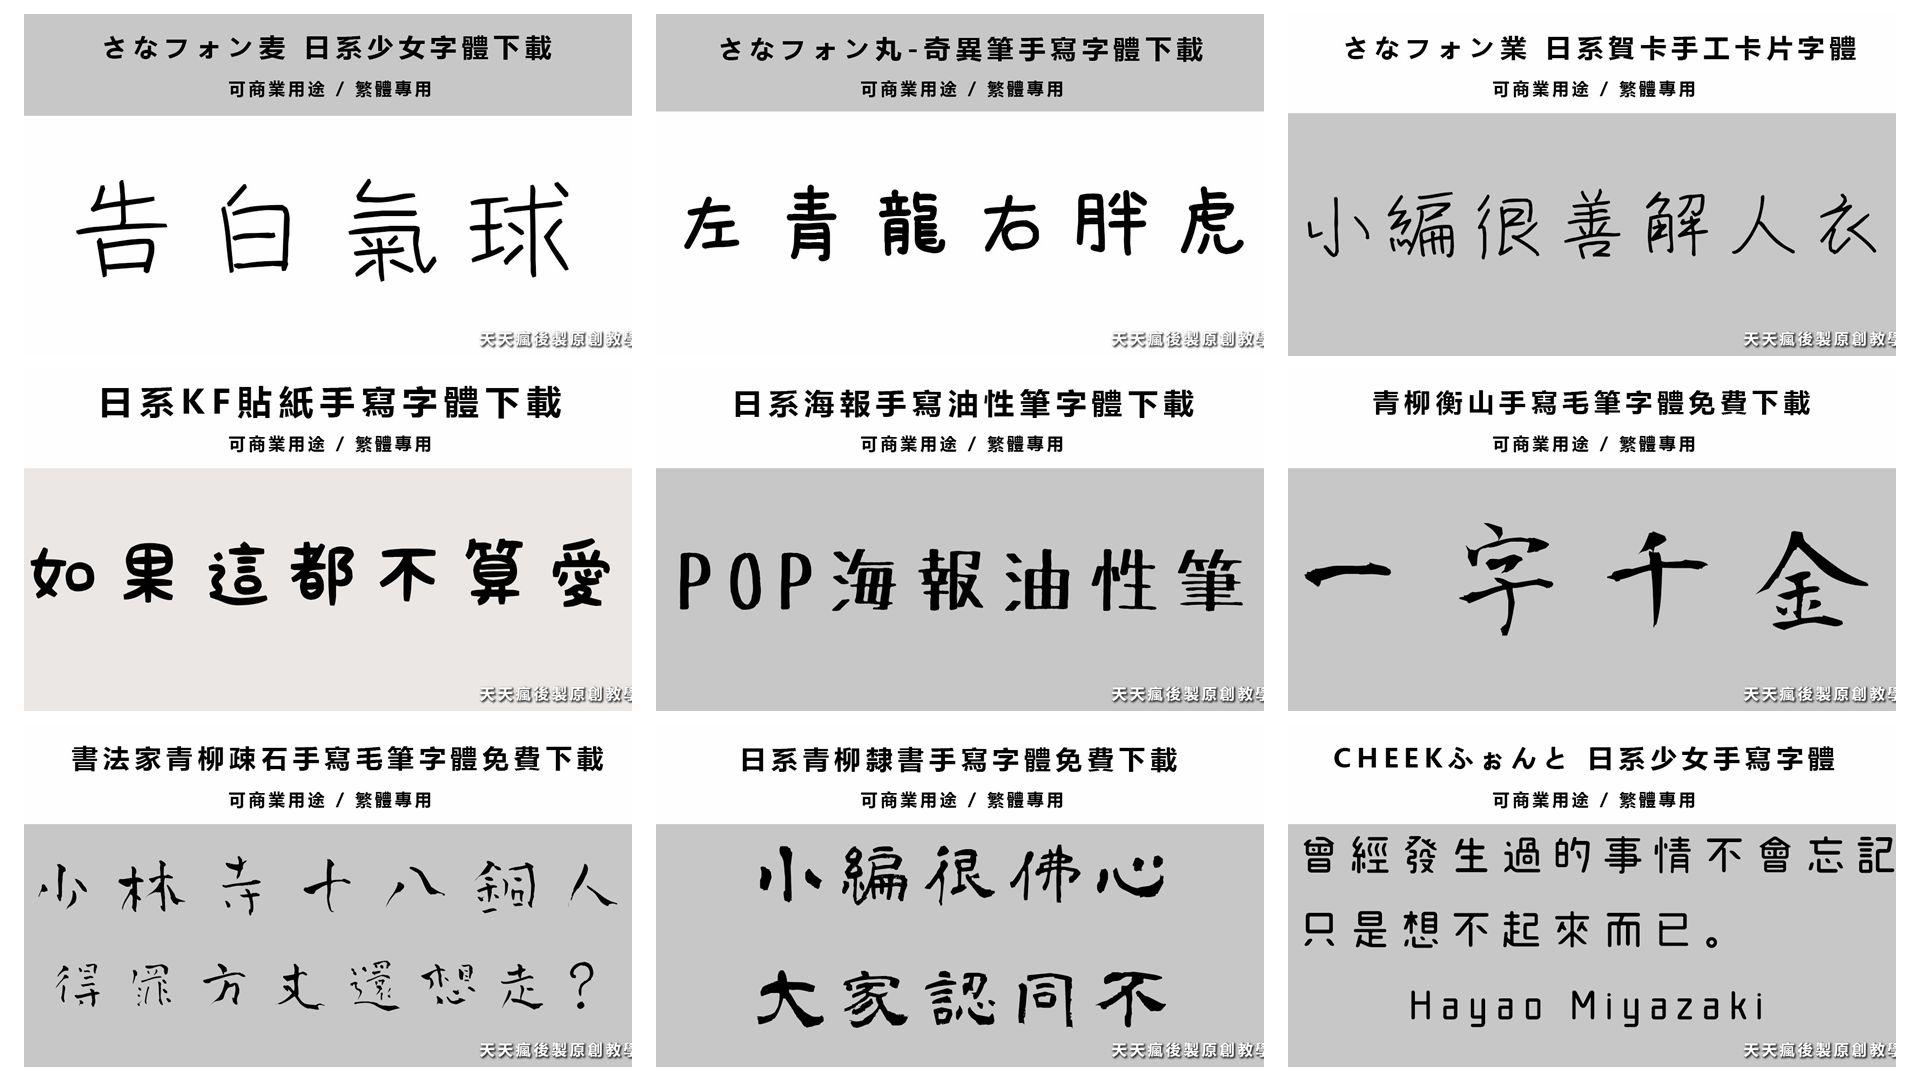 [ 手寫字體 ] 26種繁體中文手寫字體包下載 / 免費下載 / 繁體可使用 - 天天瘋後製-Crazy-Tutorial